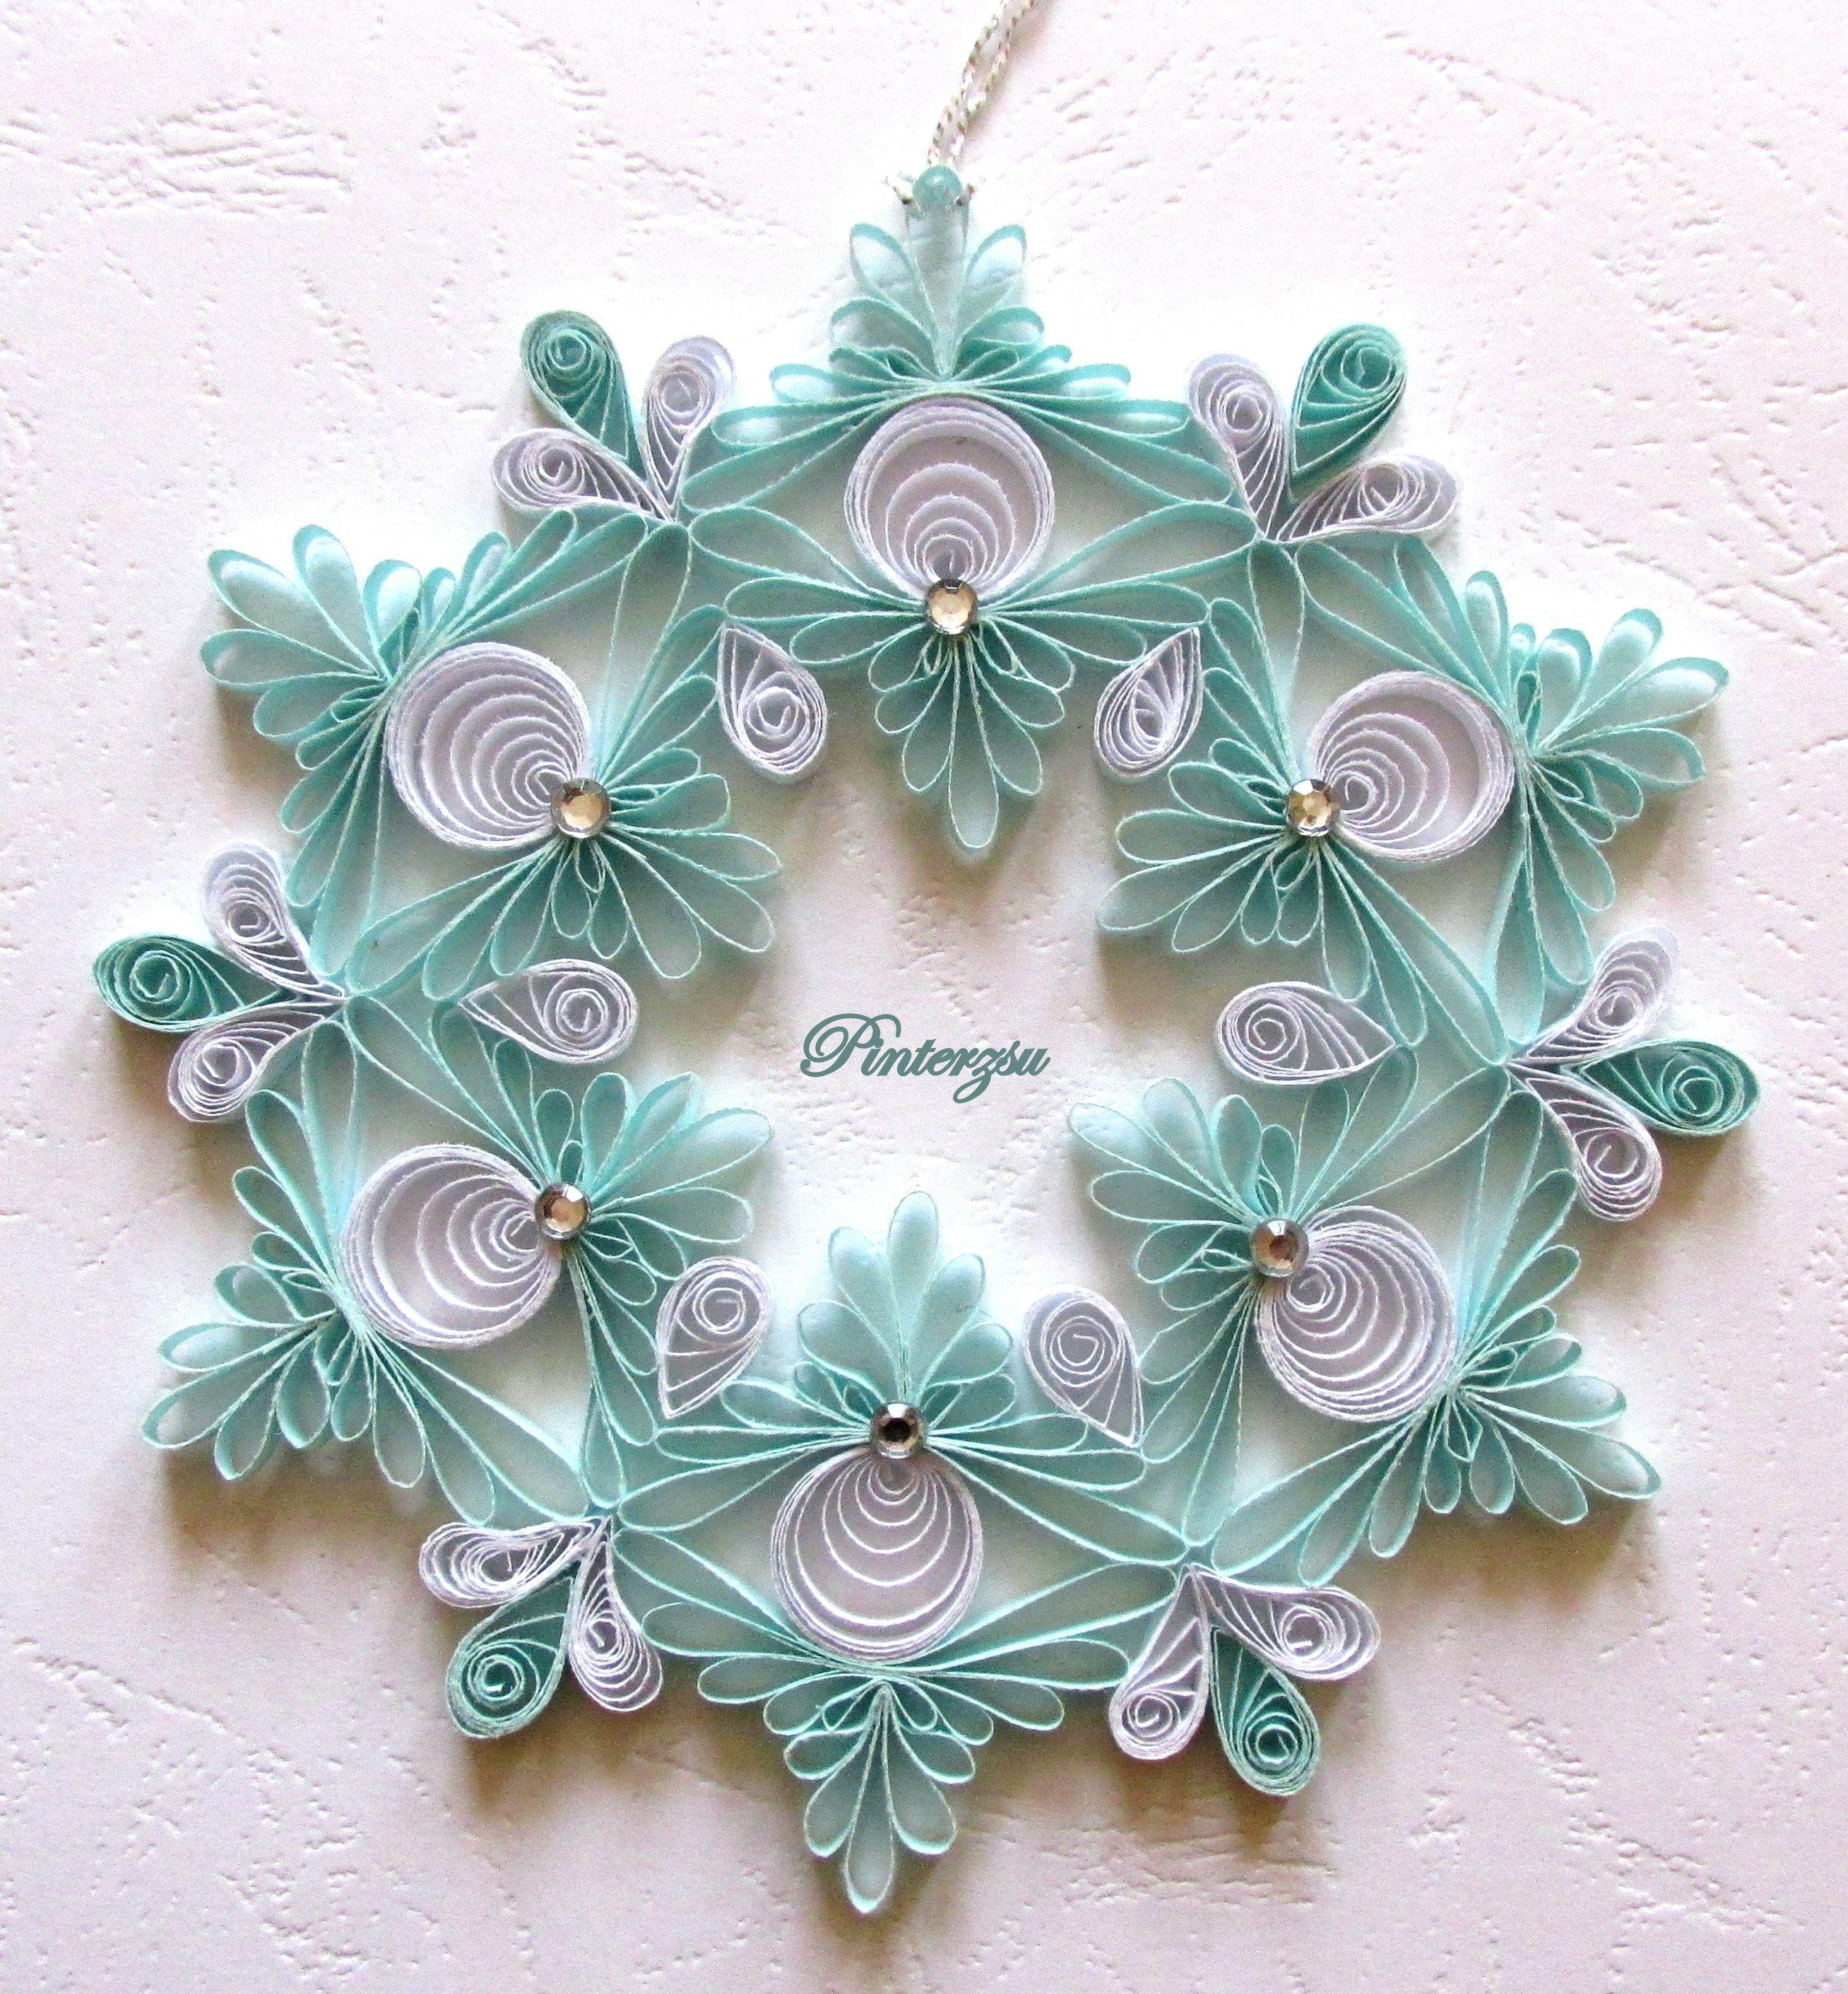 снежинки в стиле квиллинг фото